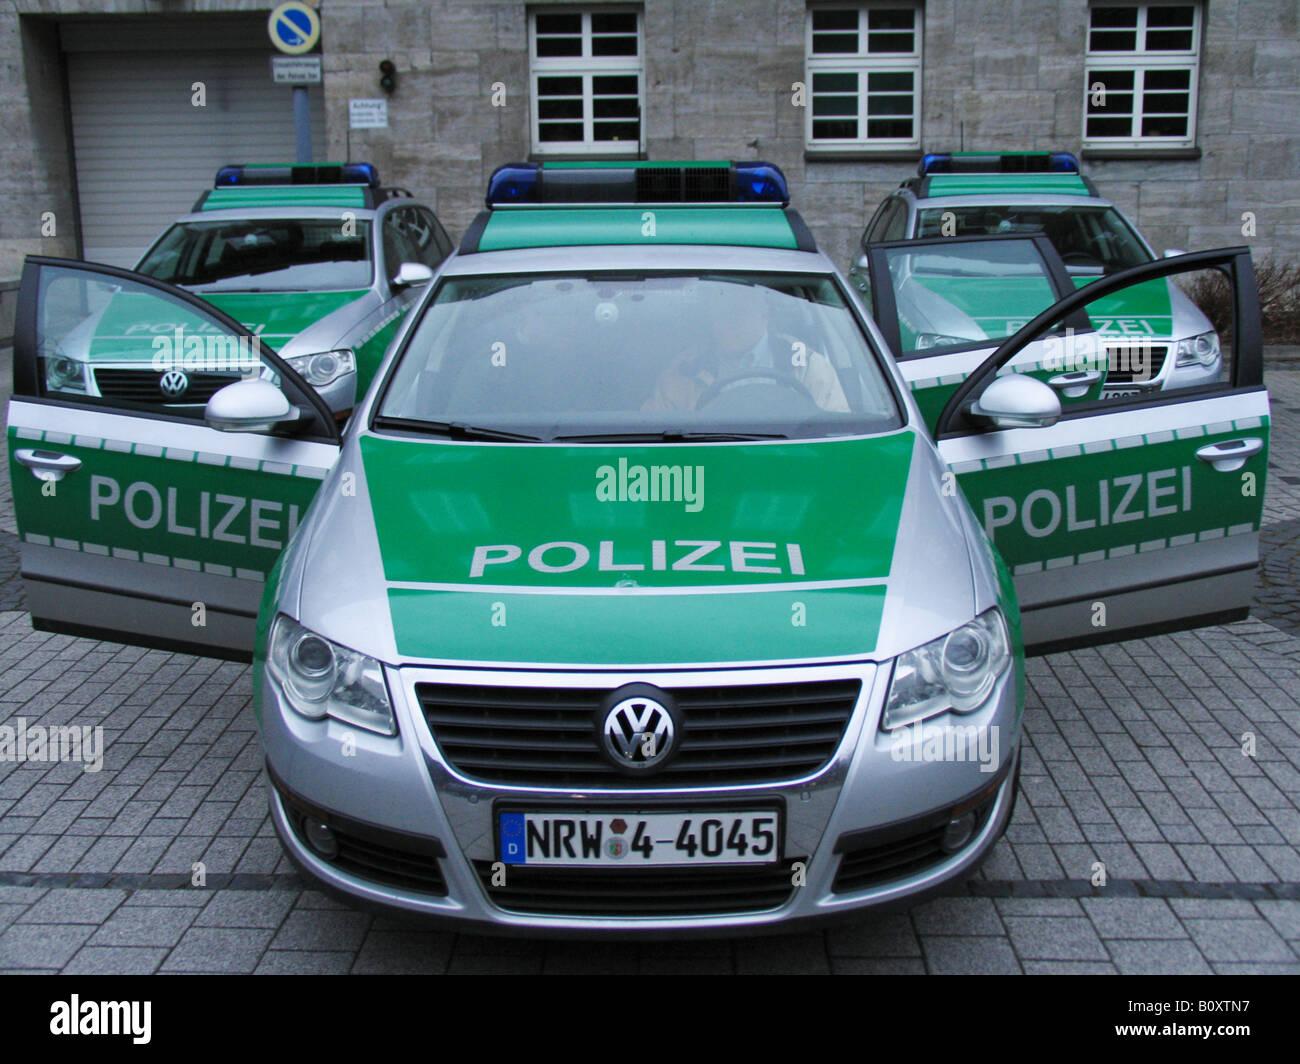 Türen Bochum polizeiautos vor der polizeistation in bochum mit offenen türen